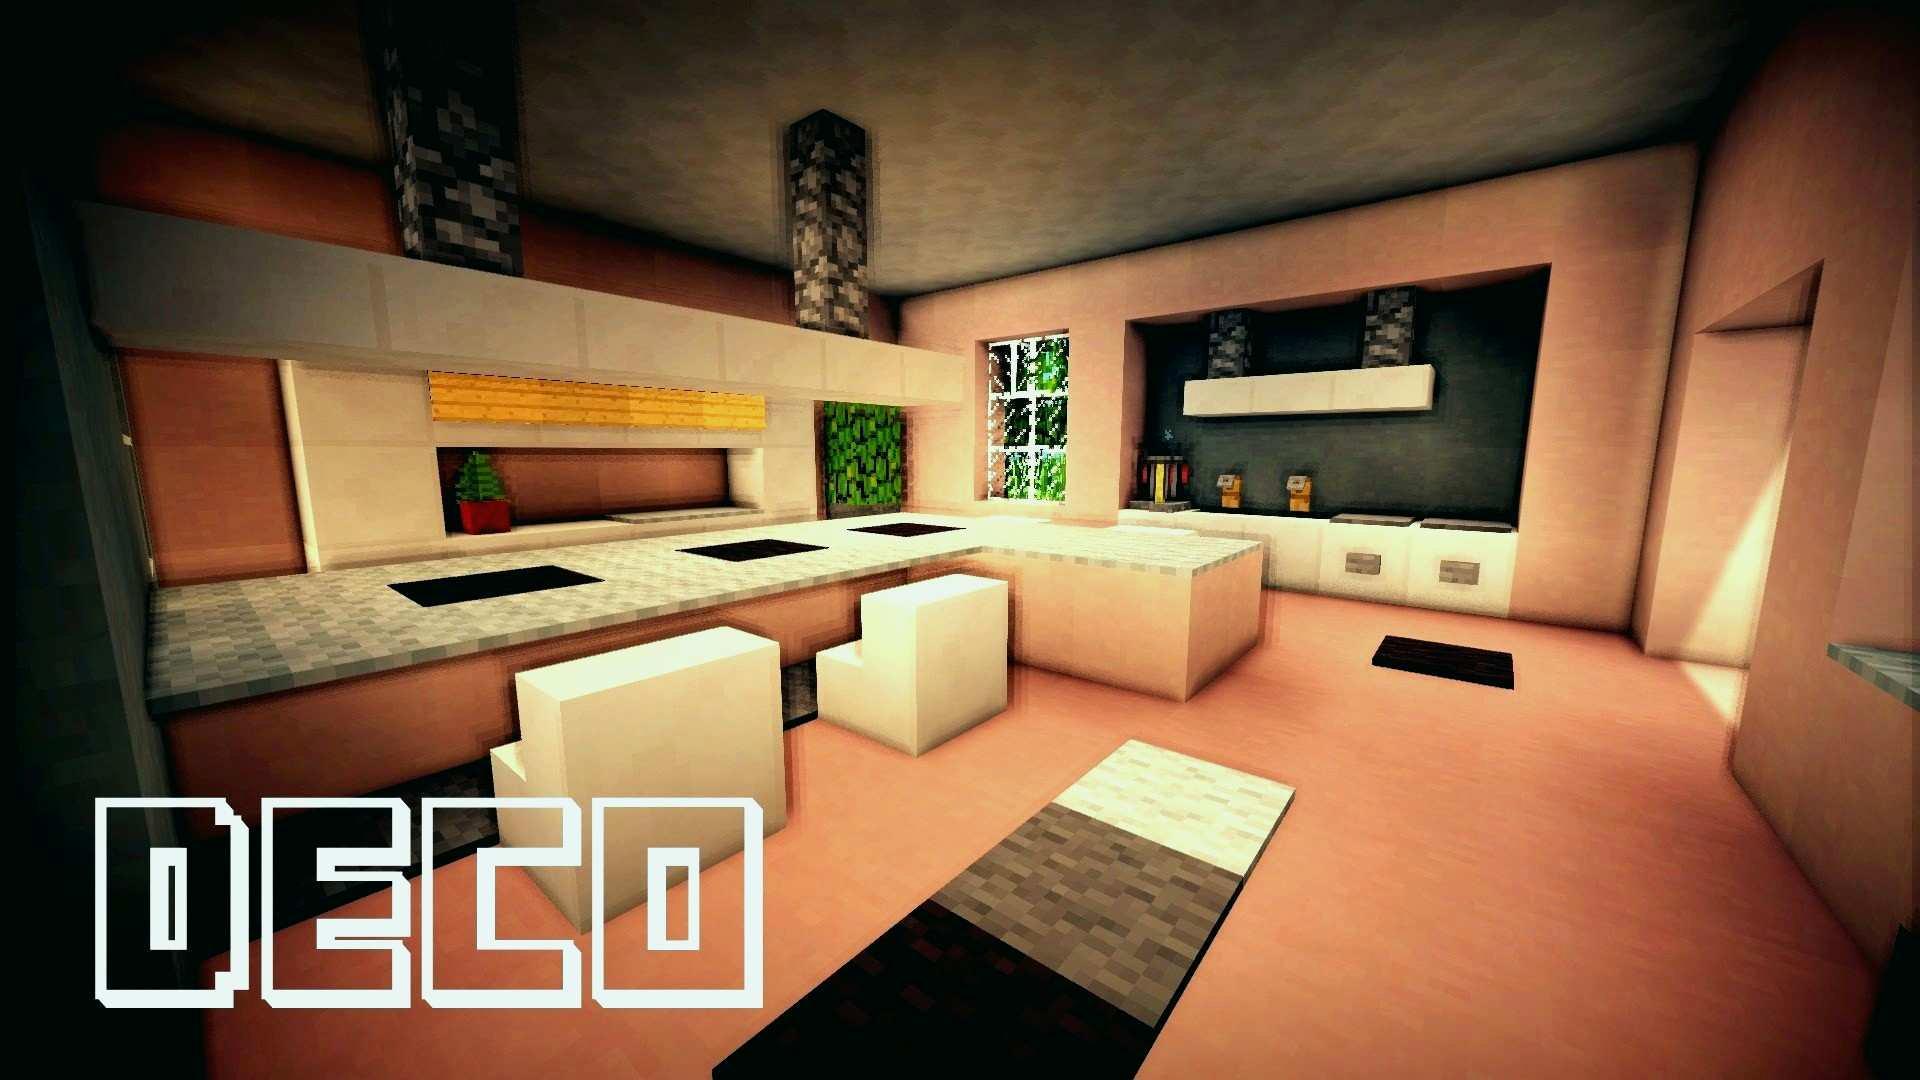 Deco Cuisine Minecraft Meilleur De Collection Cuisine Moderne Minecraft Beau Beautiful Deco Jardin Moderne Ideas